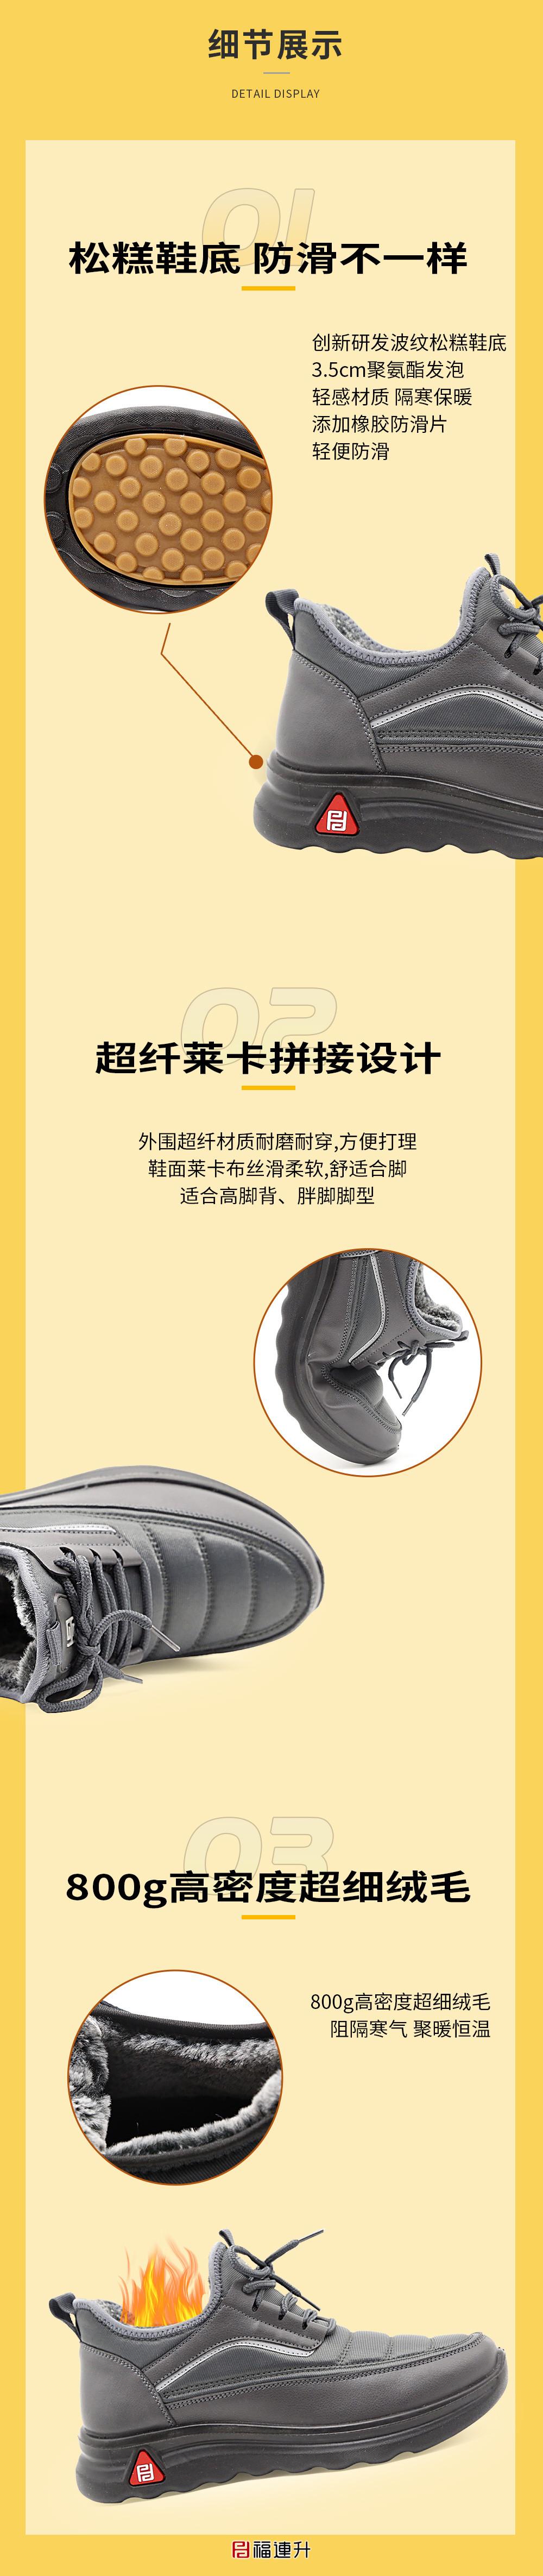 福连升2020冬季新款丝光布男保暖舒适防滑健步鞋图片